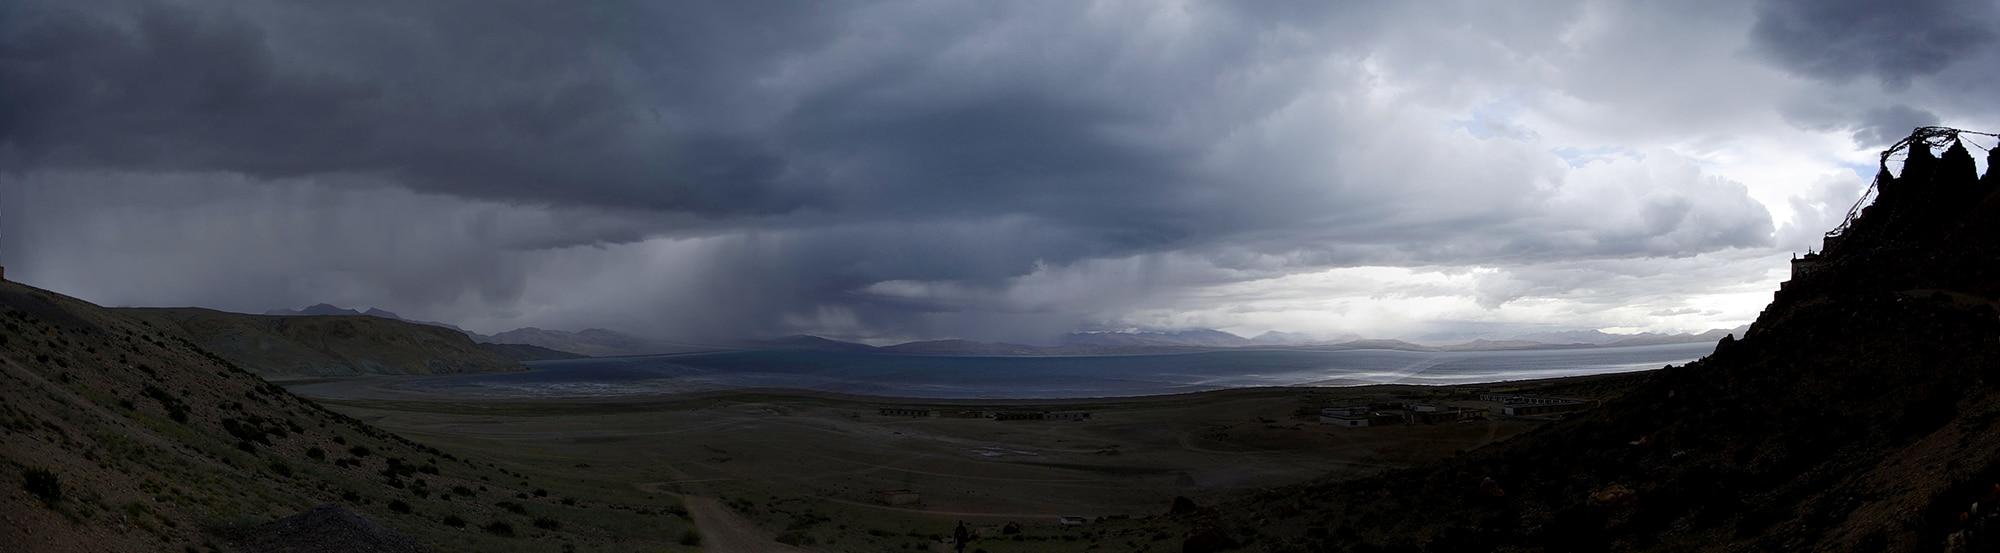 L'orage passe sur le lac Manasarovar.